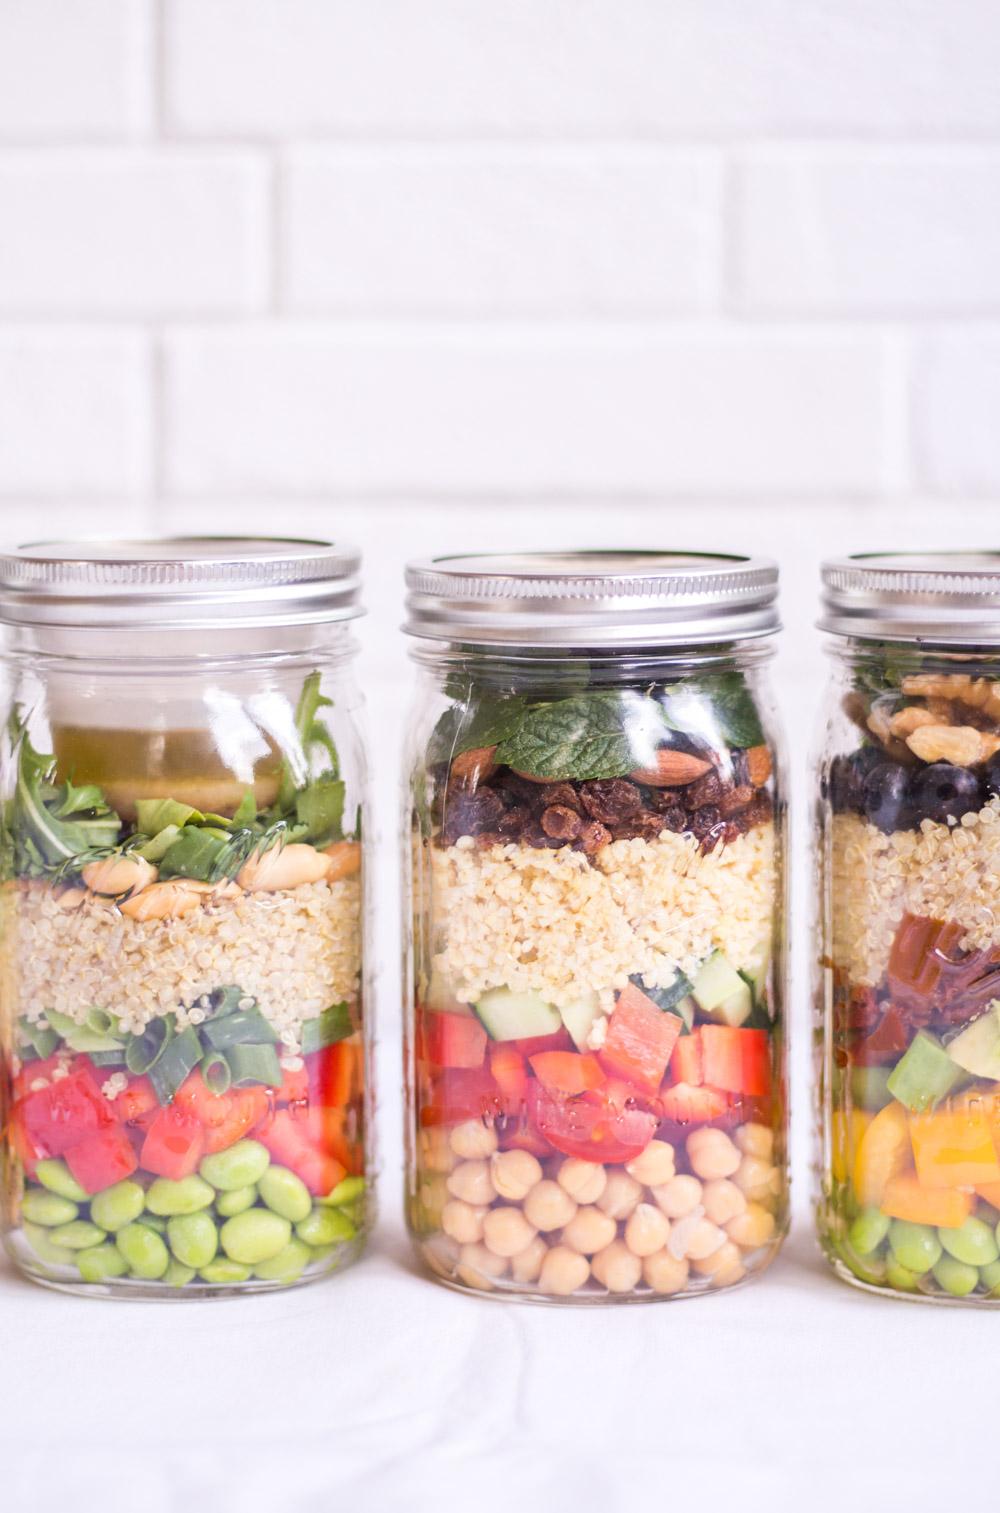 4 To-Go Salate fürs Büro - rein pflanzlich, vegan, glutenfrei, ohne raffinierten Zucker - de.heavenlynnhealthy.com